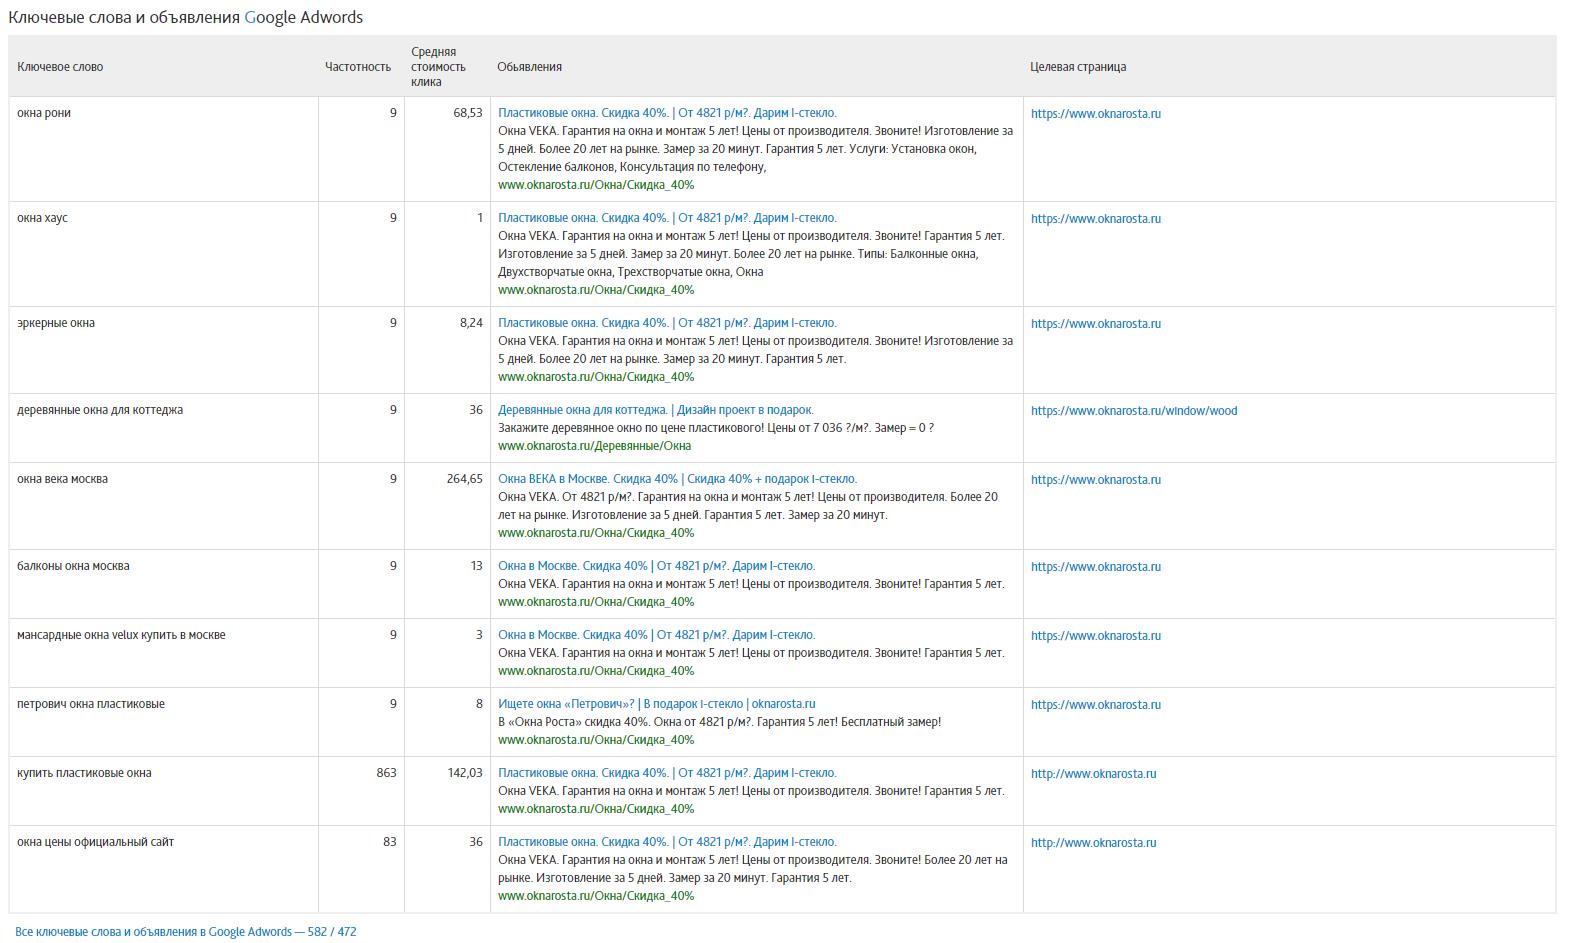 Отчёт по видимости и конкурентам в Сайтрепорте - ключевые слова и объявления Google Adwords